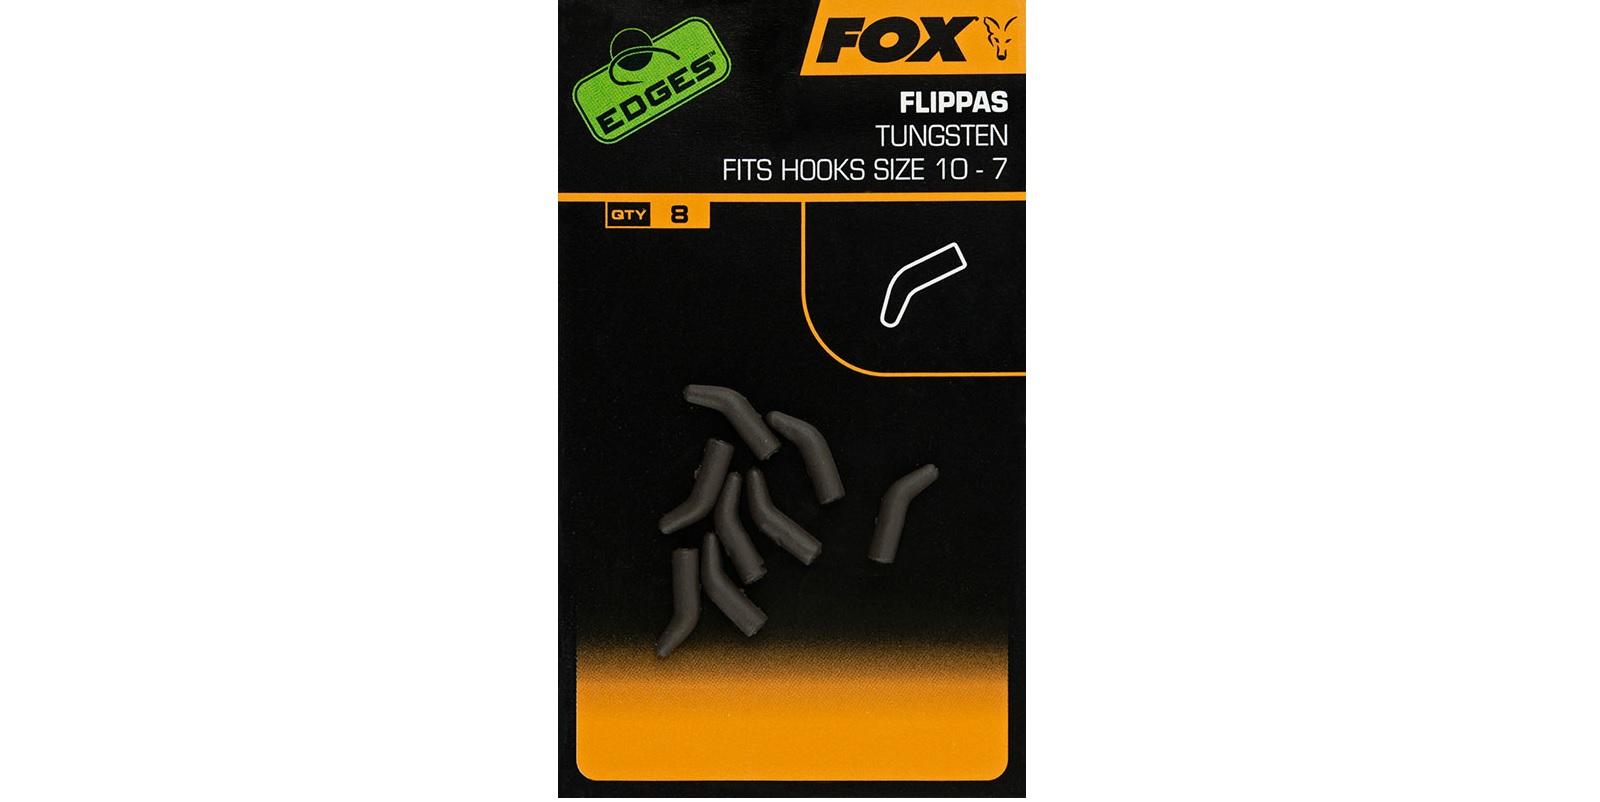 Fox Edges Tungsten Flippa's Size 10 cod CAC733